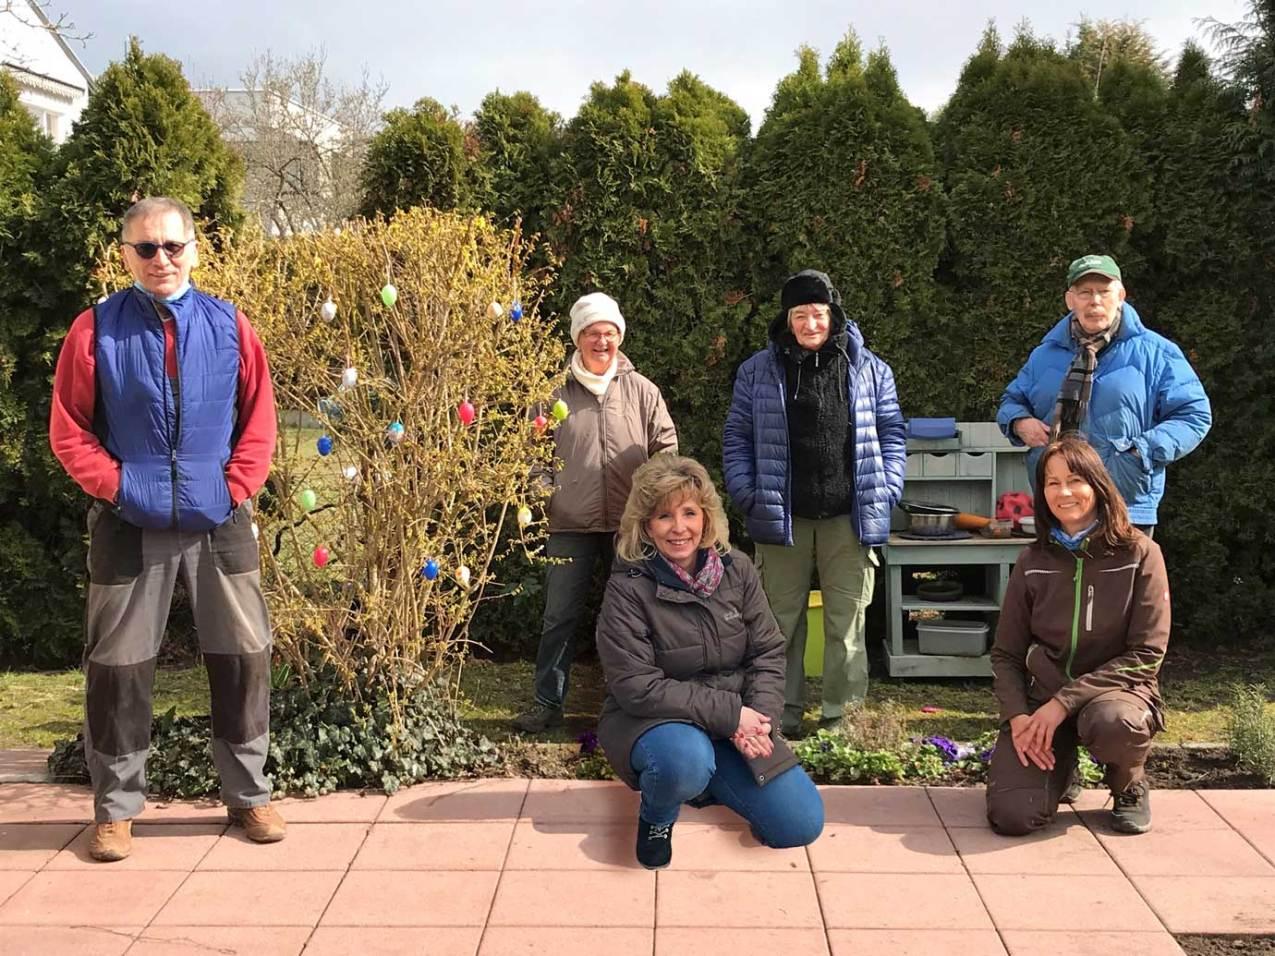 """Gemeinsam holen die Mitglieder der Quartiersgruppe Waldacker mit Doris Lerch und der stellvertretende Quartiersmanagerin Ute Schmidt am Bürgertreff die """"Natur zurück in die Stadt"""""""